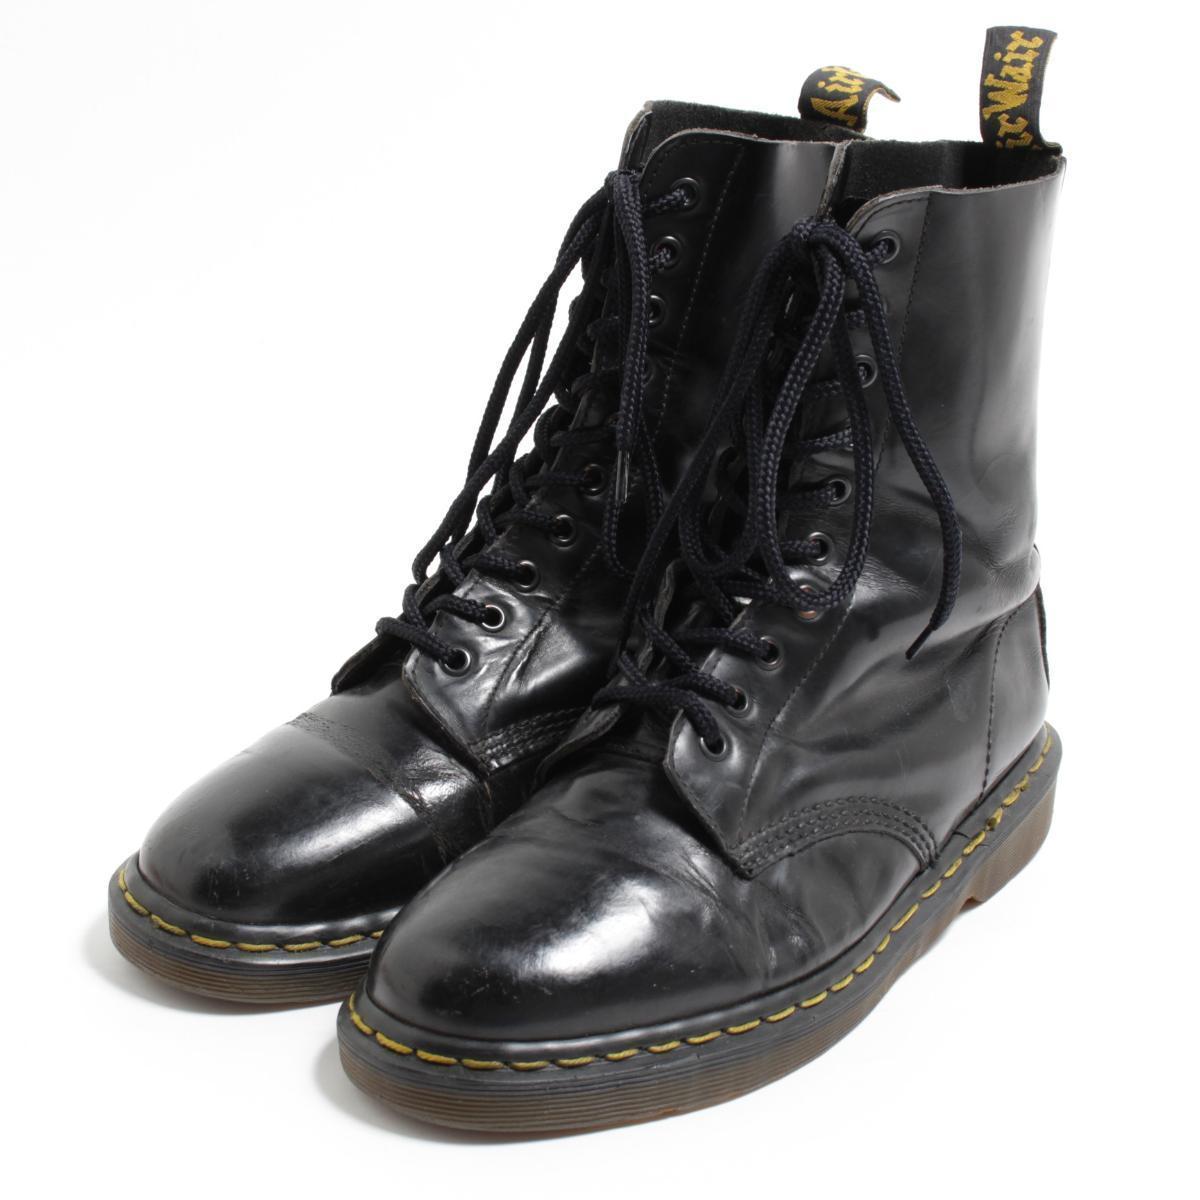 ドクターマーチン Dr.Martens 10ホールブーツ 英国製 UK8 メンズ26.5cm /bom6571 【中古】【古着屋JAM】 【180705】